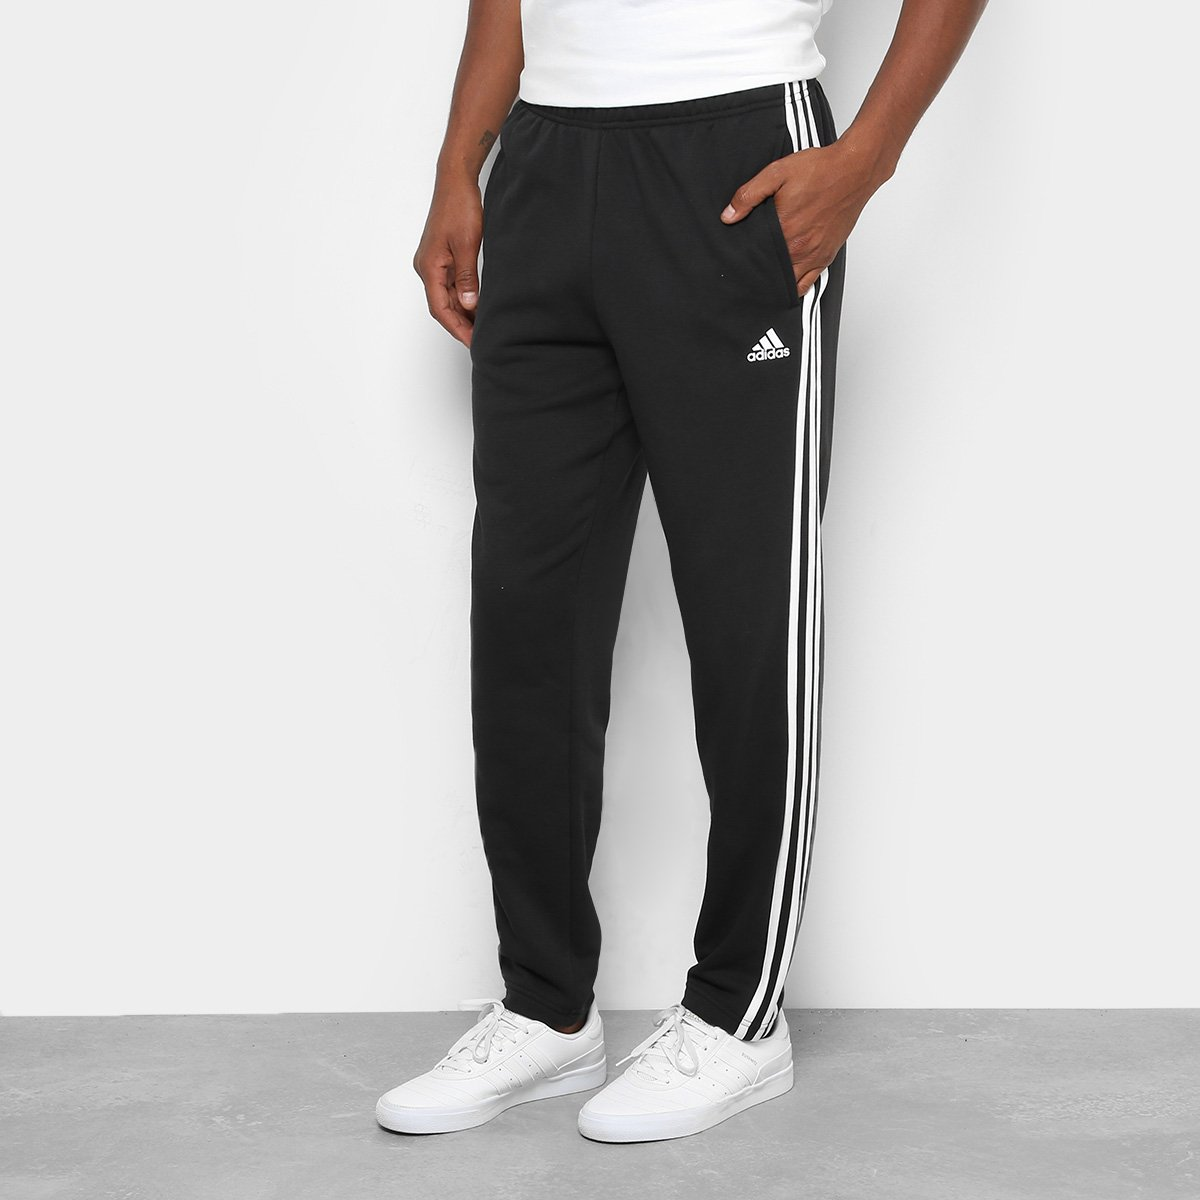 16a3e194e35 Calça Adidas Ess 3S Coft Masculina - Branco e Preto - Compre Agora ...